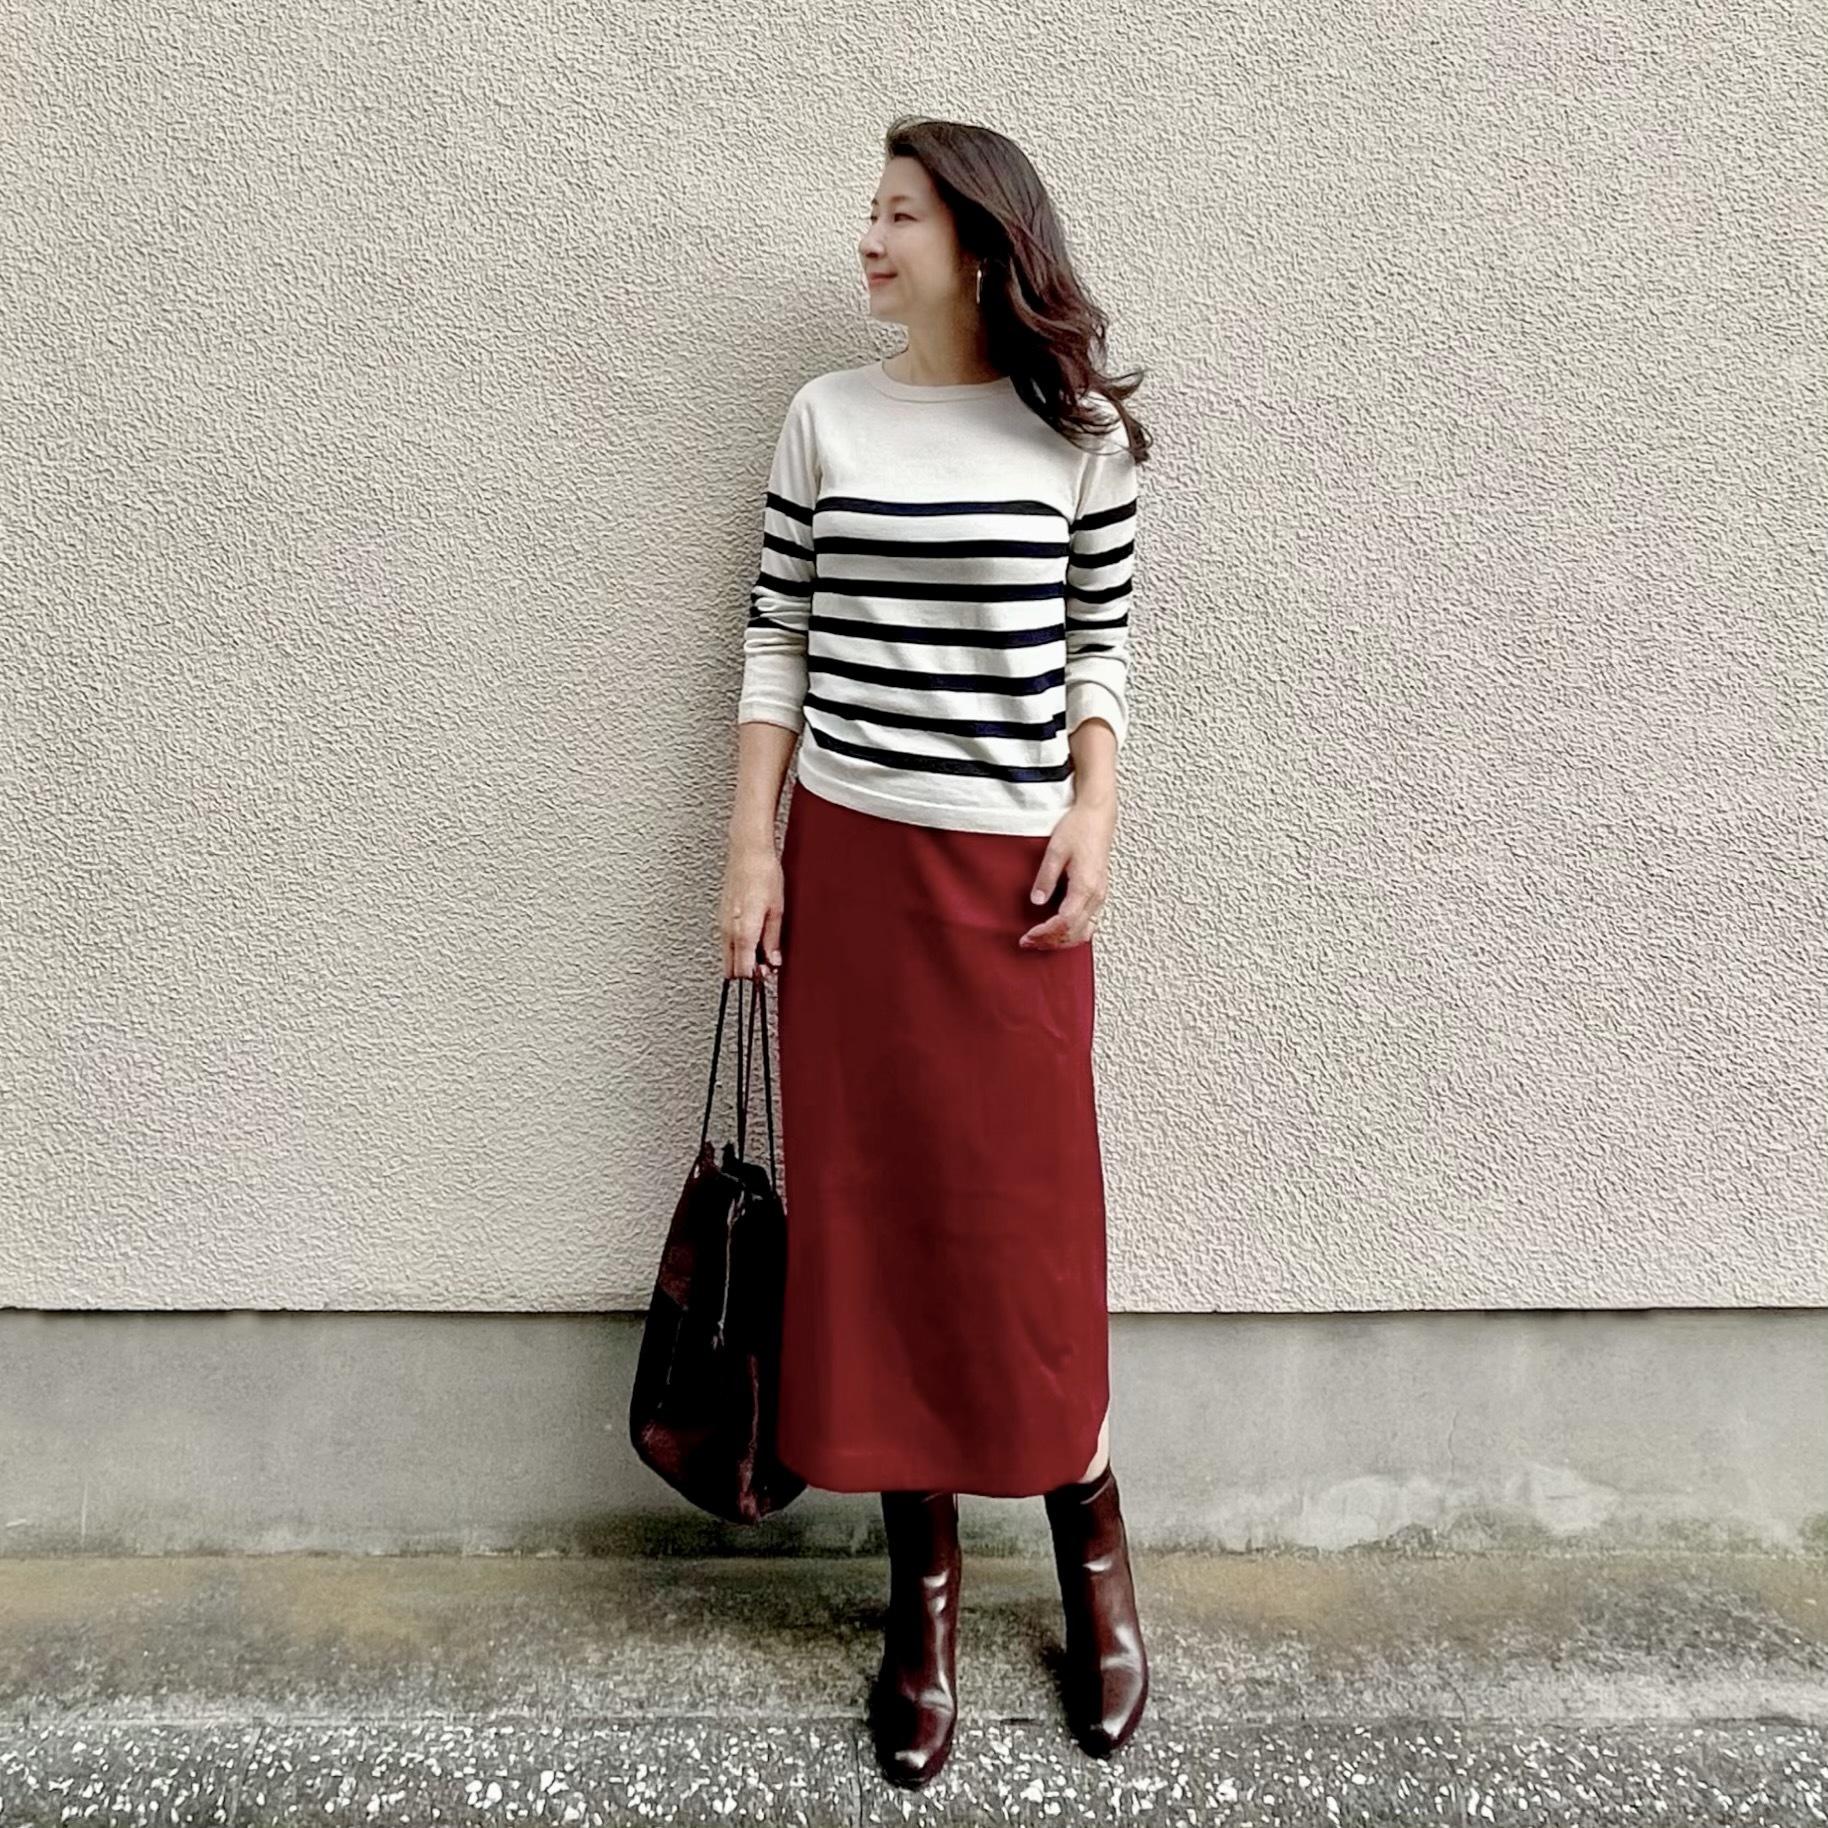 ボーダーニット、深みのある赤のミモレ丈タイトスカート、ブラウンのブーツ、ブラウンのバッグ